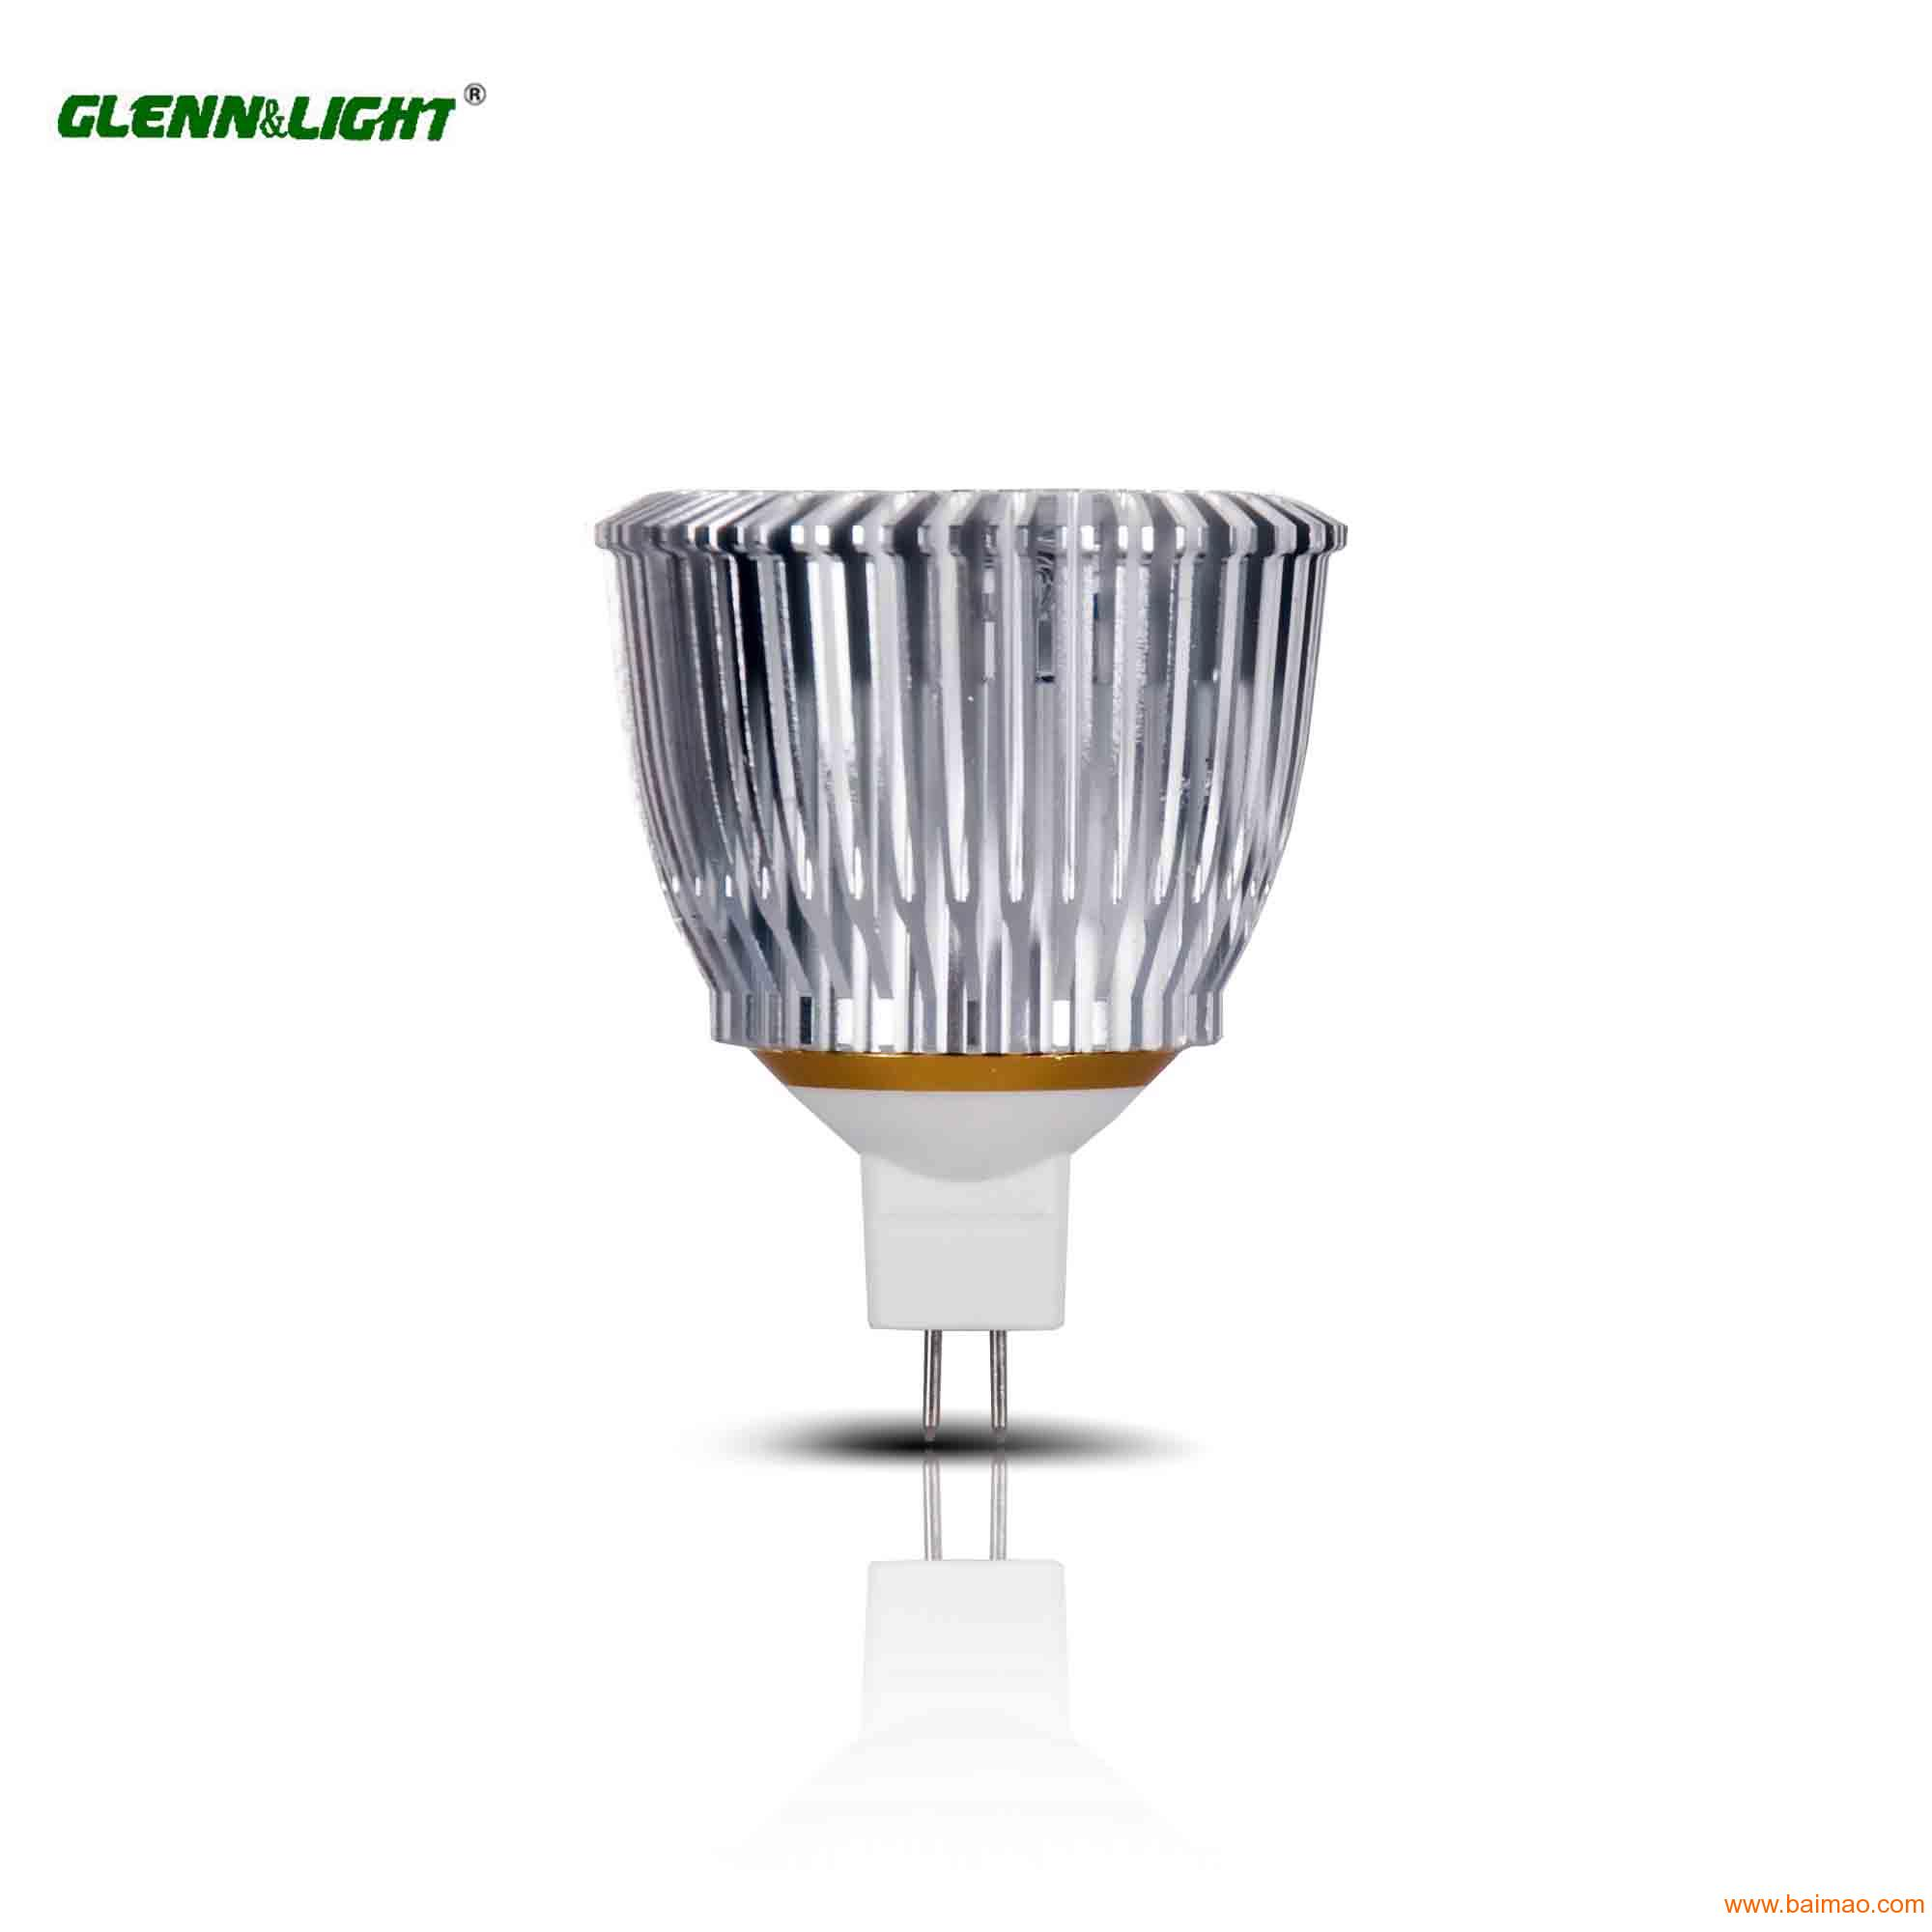 led射灯 gl m501 led灯具led日光灯,led射灯 gl m501 led灯高清图片